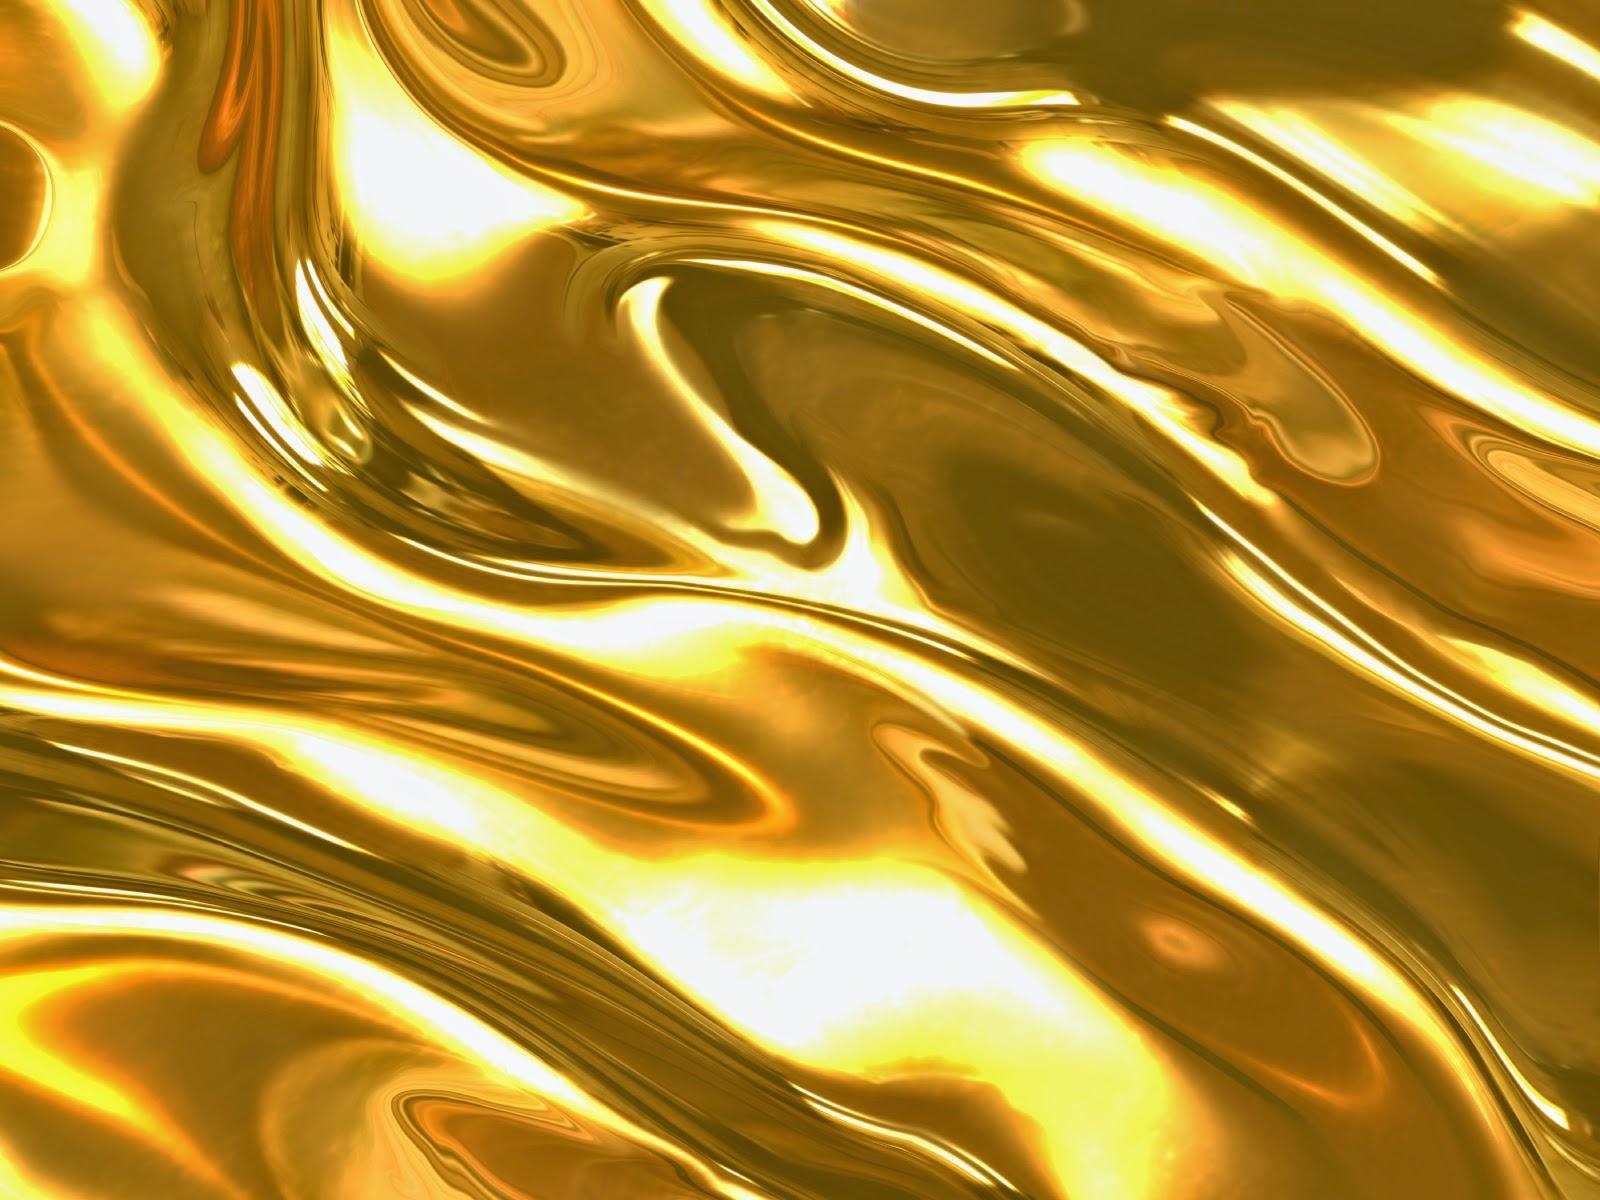 كيف تصنع ذهبى مائى باقل التكاليف و بجودة عالية|How to make gold color paint by easy steps